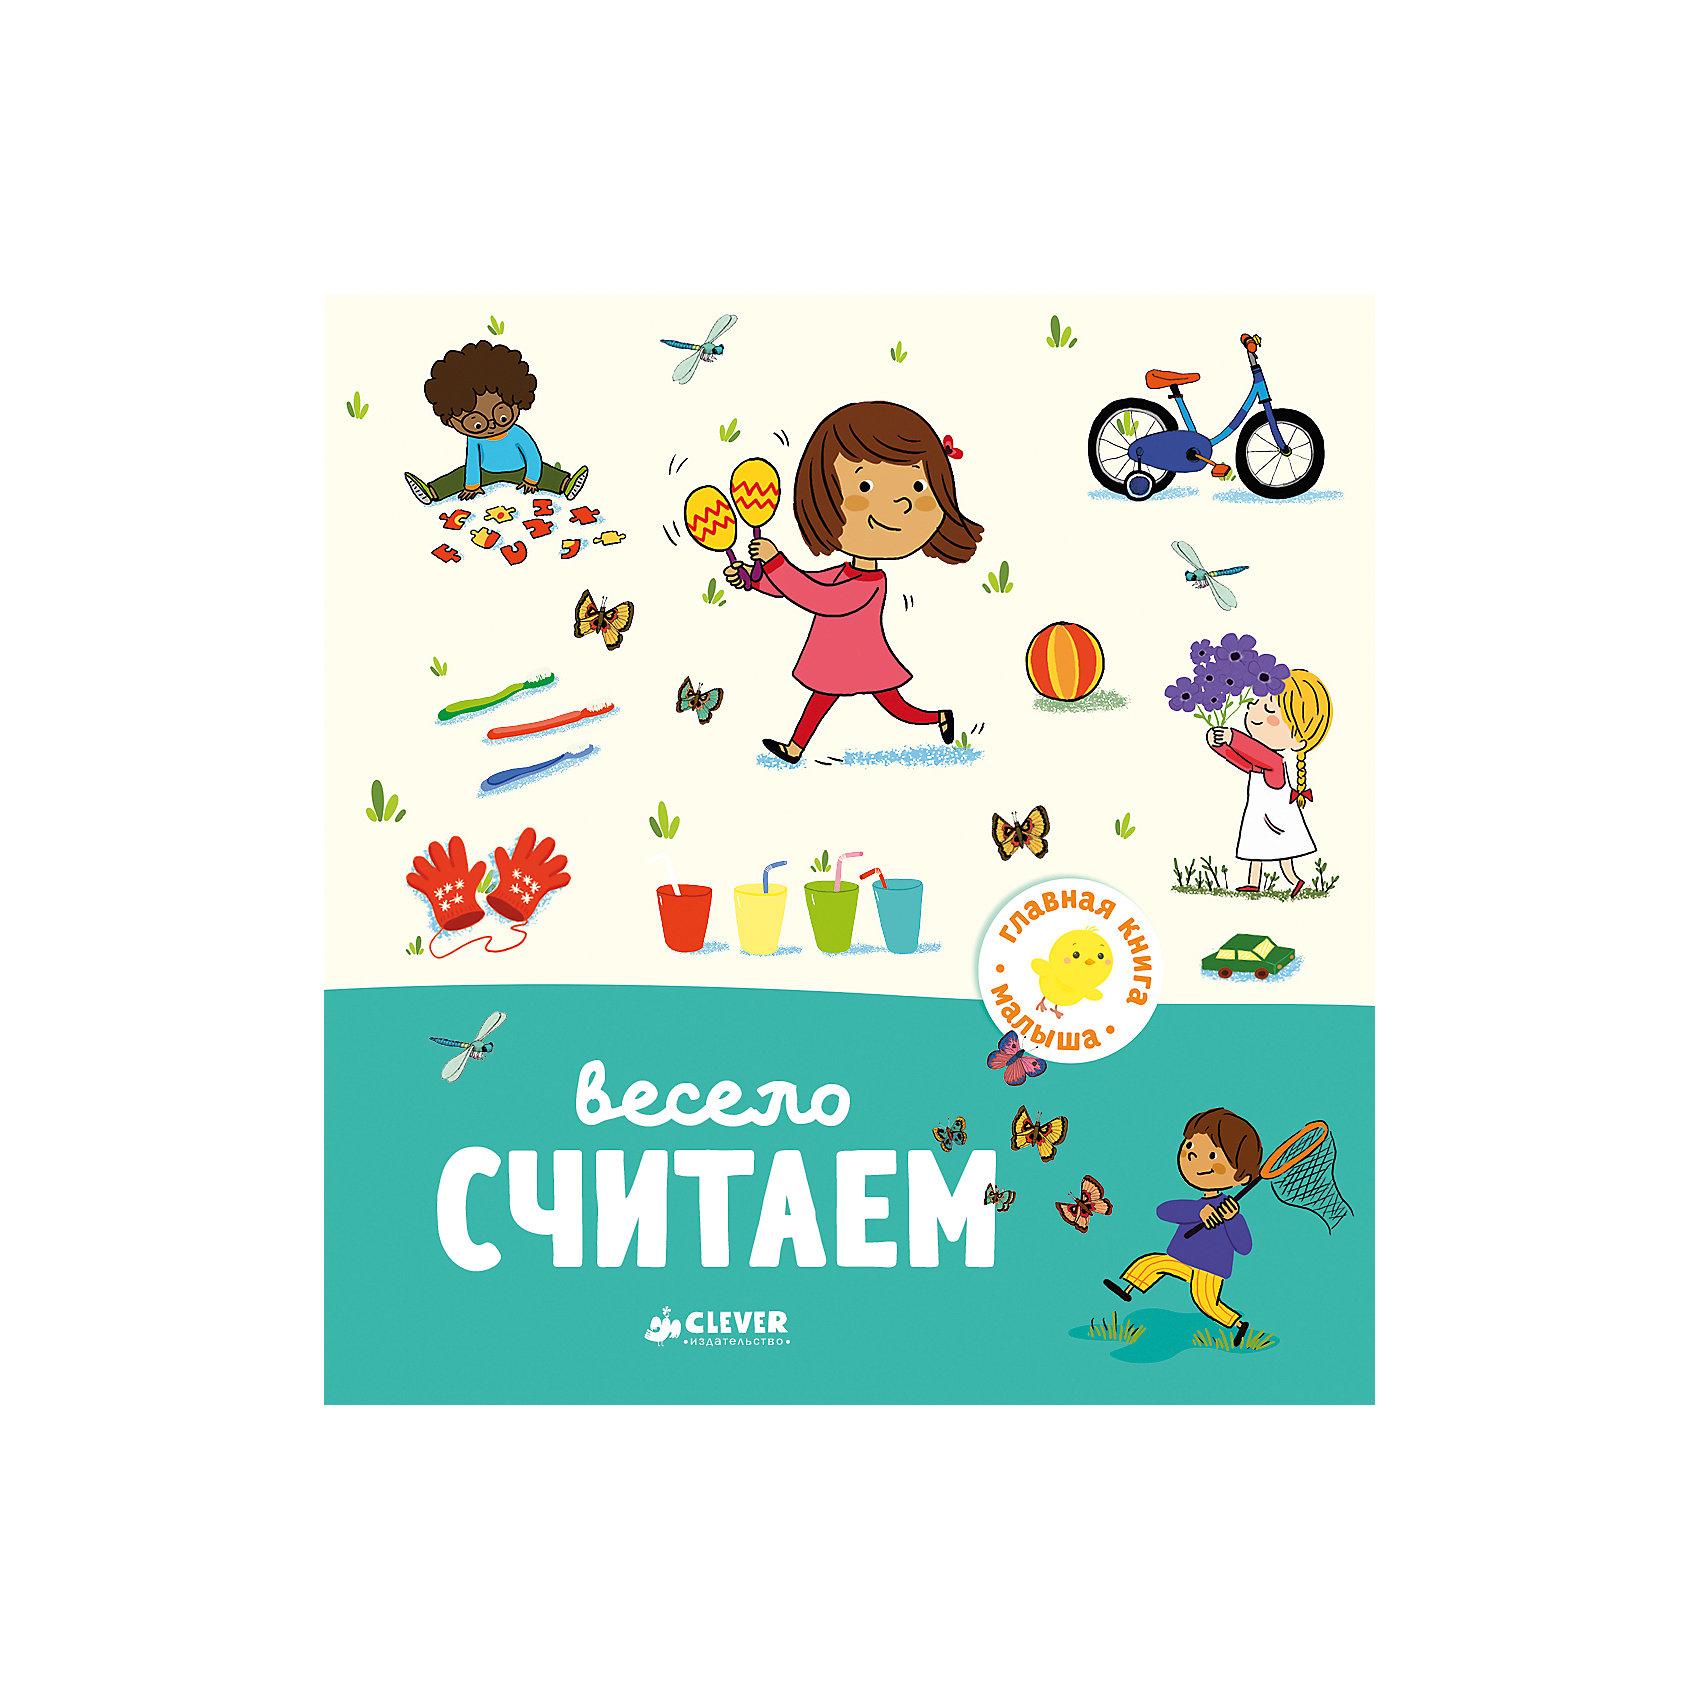 Весело считаем, А. Бессон, Главная книга малышаПособия для обучения счёту<br>Серия Главная книга малыша прекрасно подойдет для самых маленьких ручек! Красочные иллюстрации с крупными элементами, простой текст, интересные задания - все для того, чтобы малыш учился с удовольствием. Рассматривайте вместе картинки, знакомьте ребенка с окружающим миром!<br><br>Ширина мм: 180<br>Глубина мм: 170<br>Высота мм: 8<br>Вес г: 200<br>Возраст от месяцев: 12<br>Возраст до месяцев: 36<br>Пол: Унисекс<br>Возраст: Детский<br>SKU: 7039968